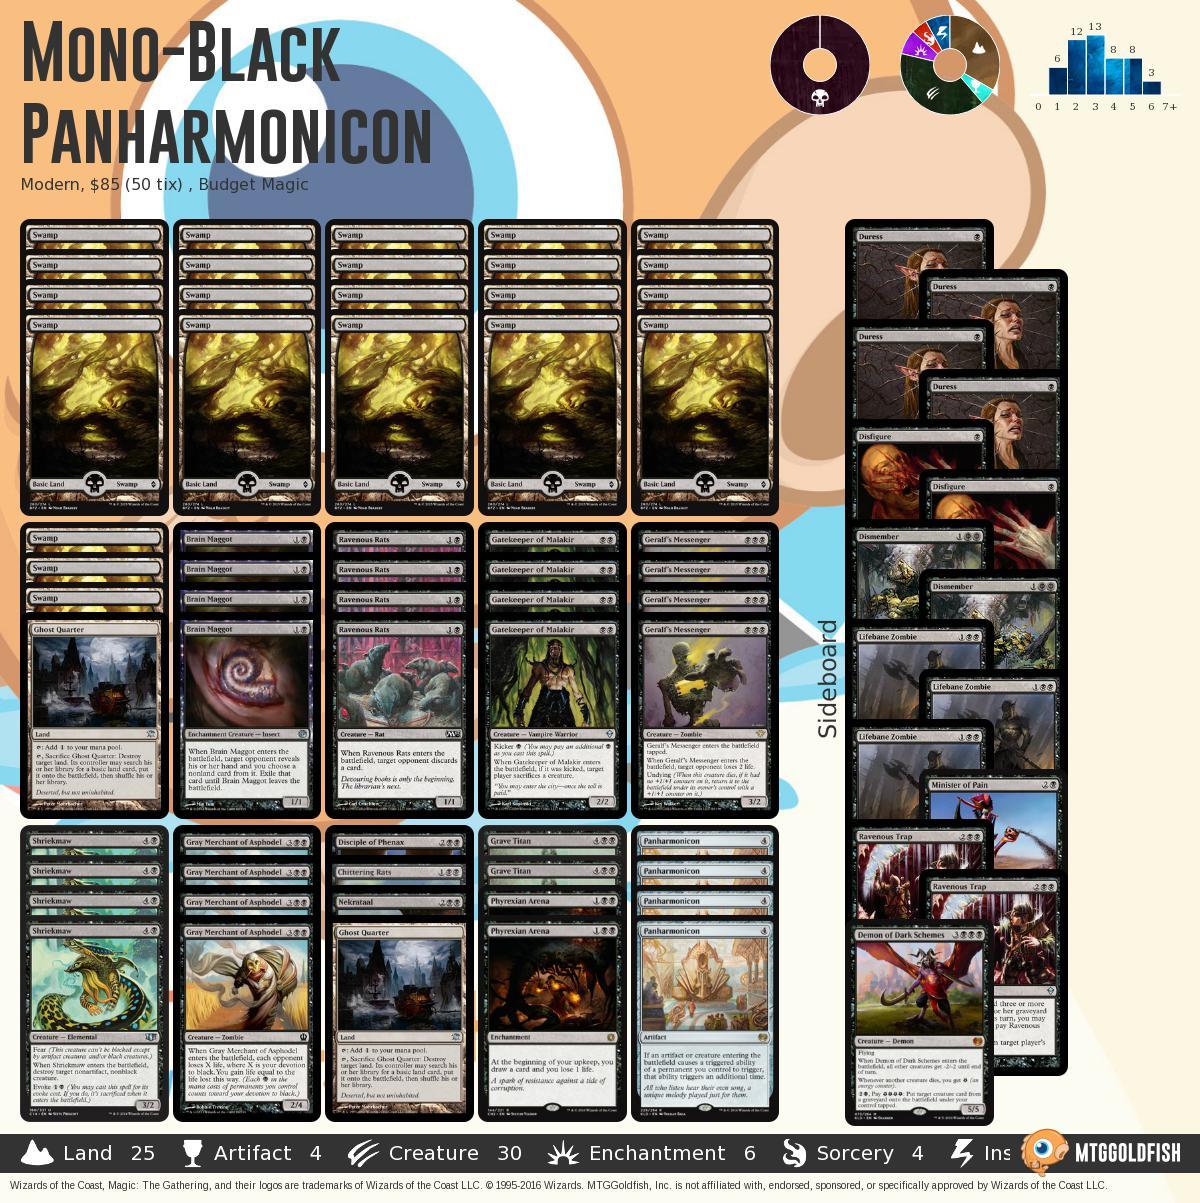 Mono black%2bpanharmonicon 4b4412a1 b61a 4fca a283 8bb760d91dcf%2ejpg